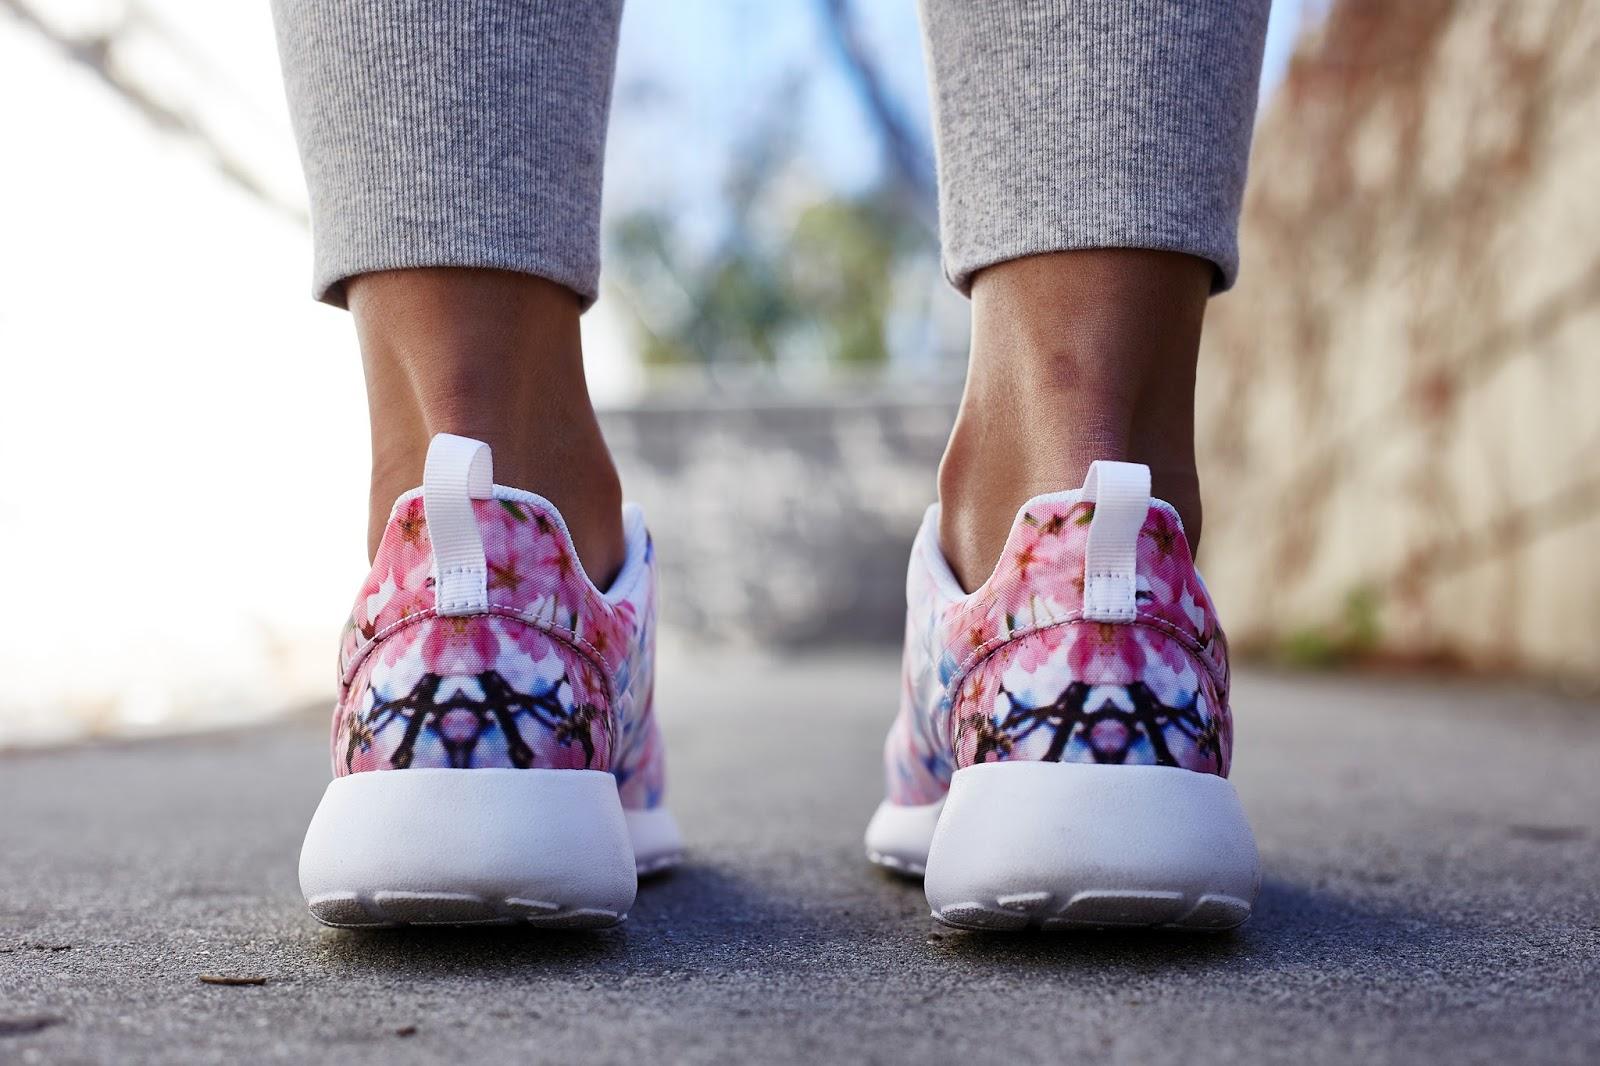 caeccd2089 Nike Roshe One Cherry Blossom - A következő típus inkább fehér-rózsaszín  árnyalatokban pompázik.